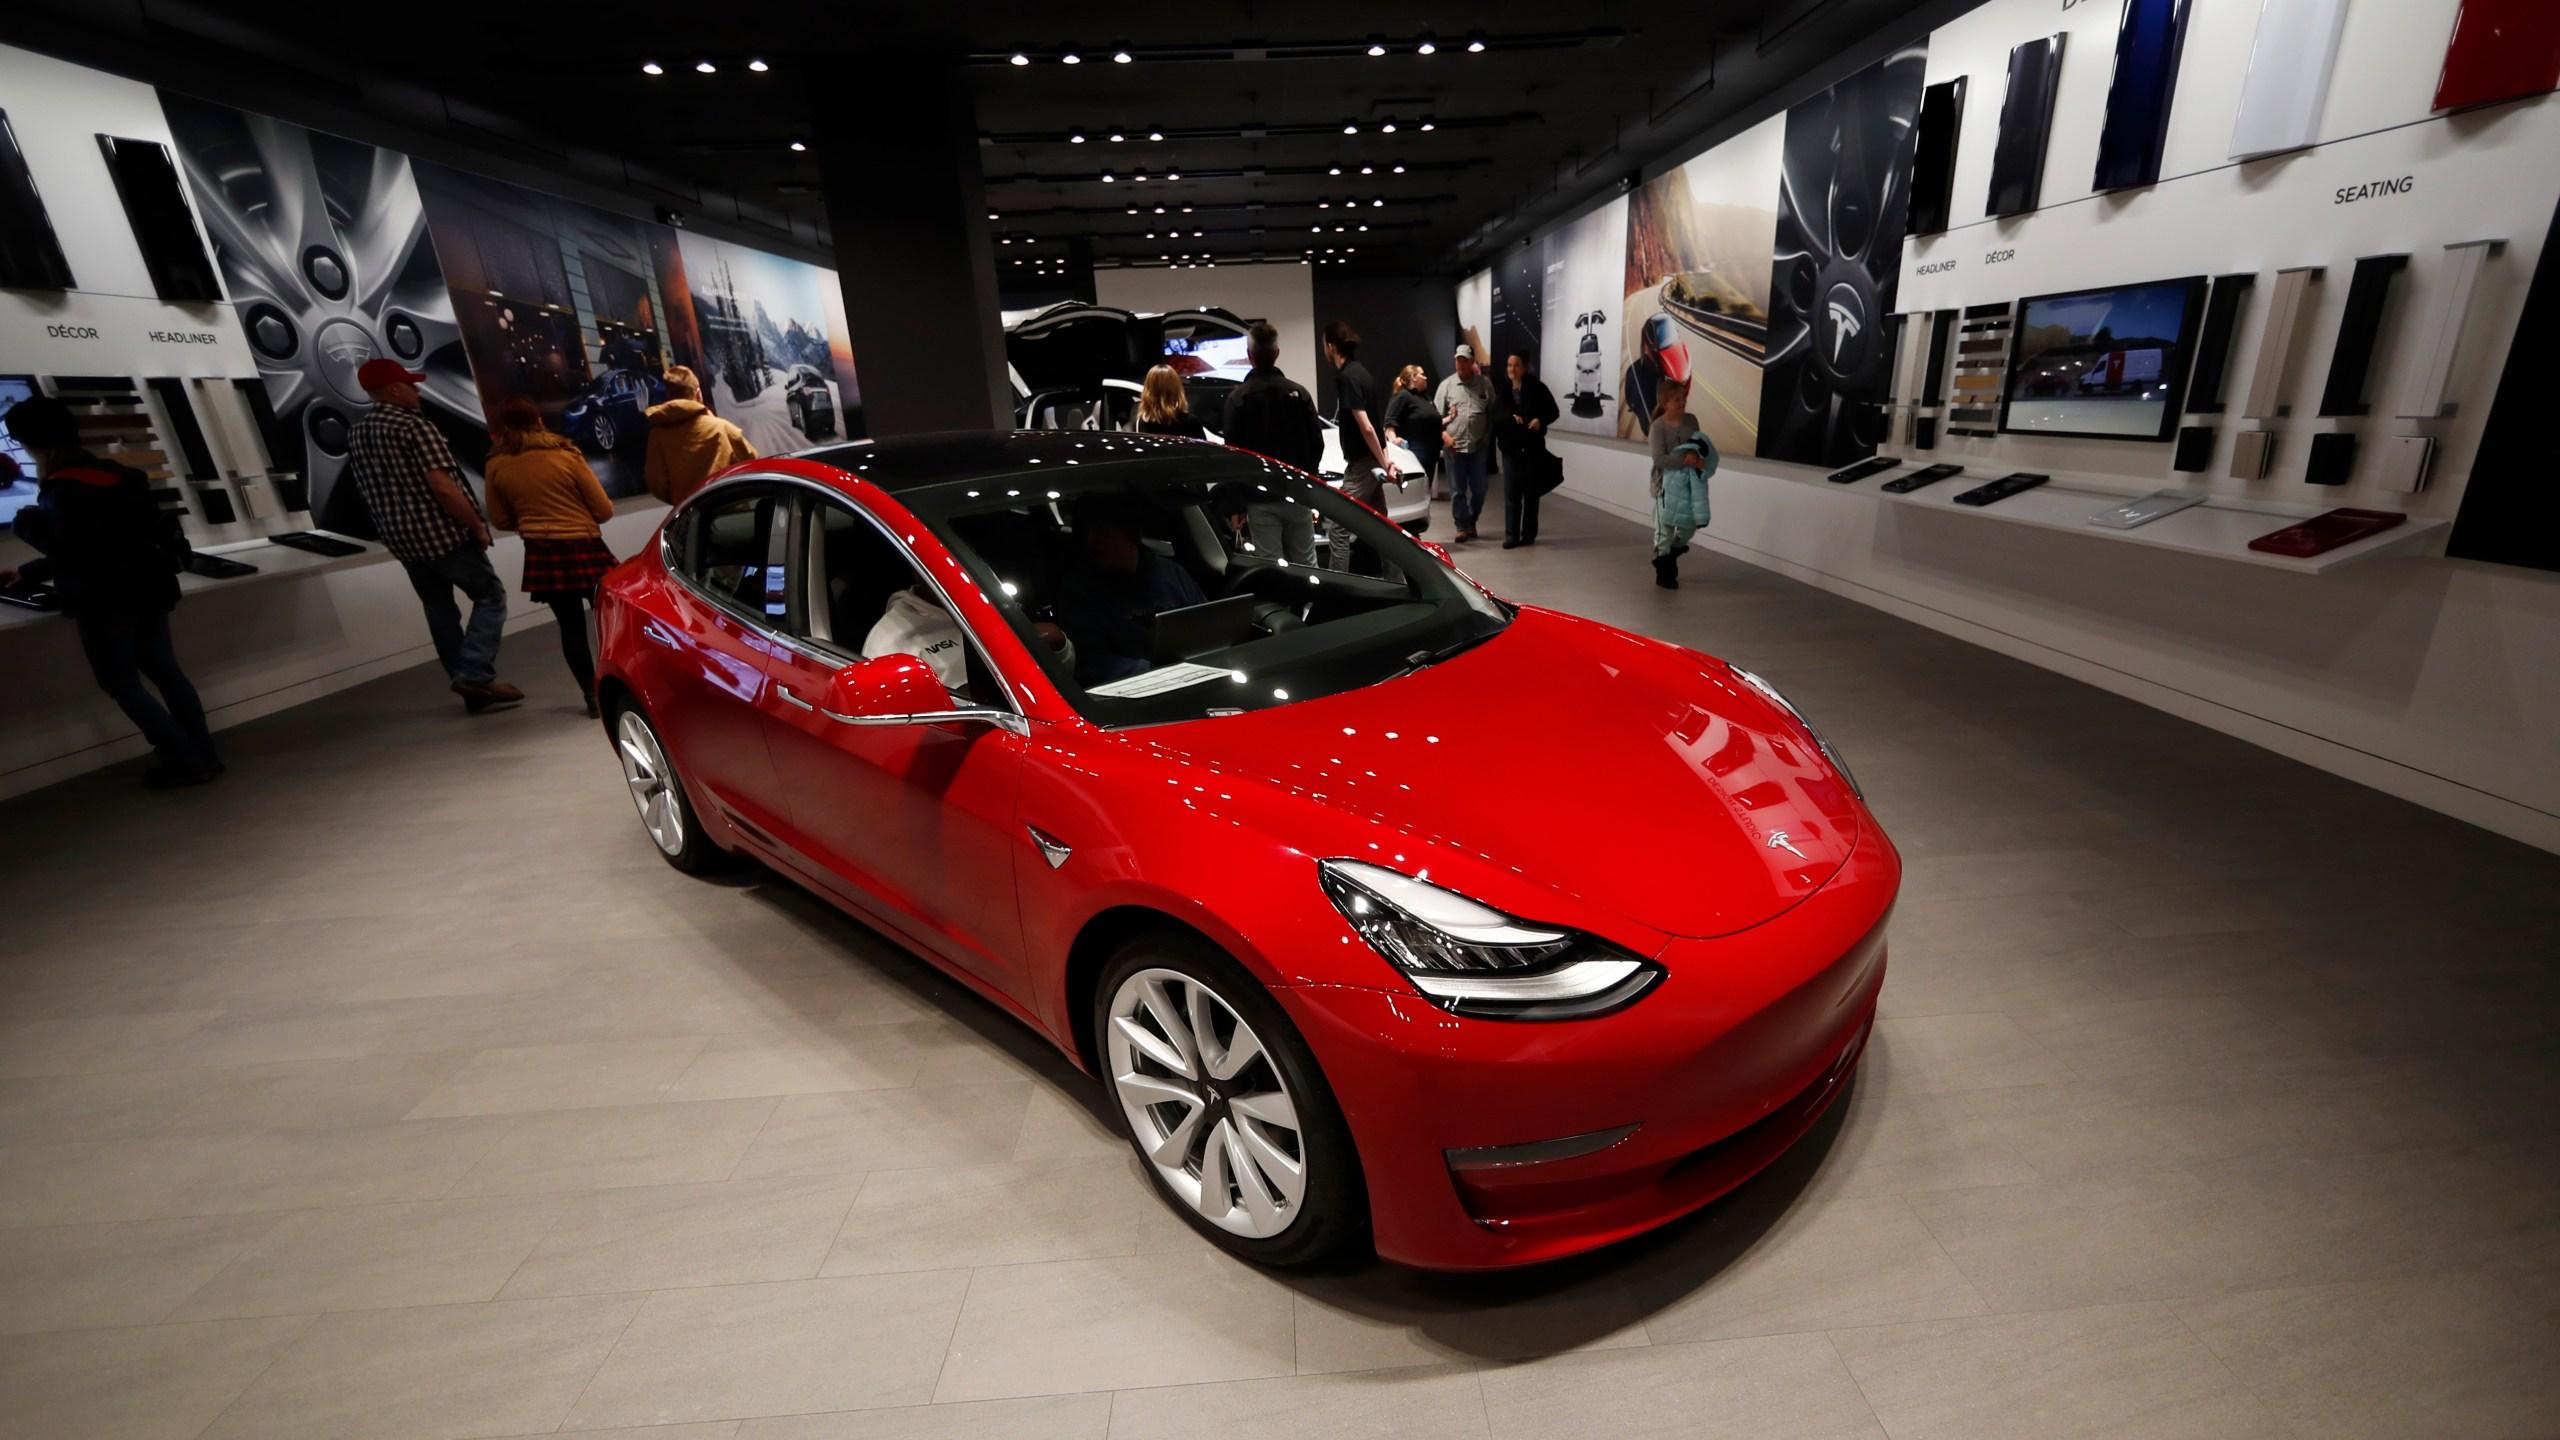 Tesla_Cheaper_Car_02111-159532.jpg02088703